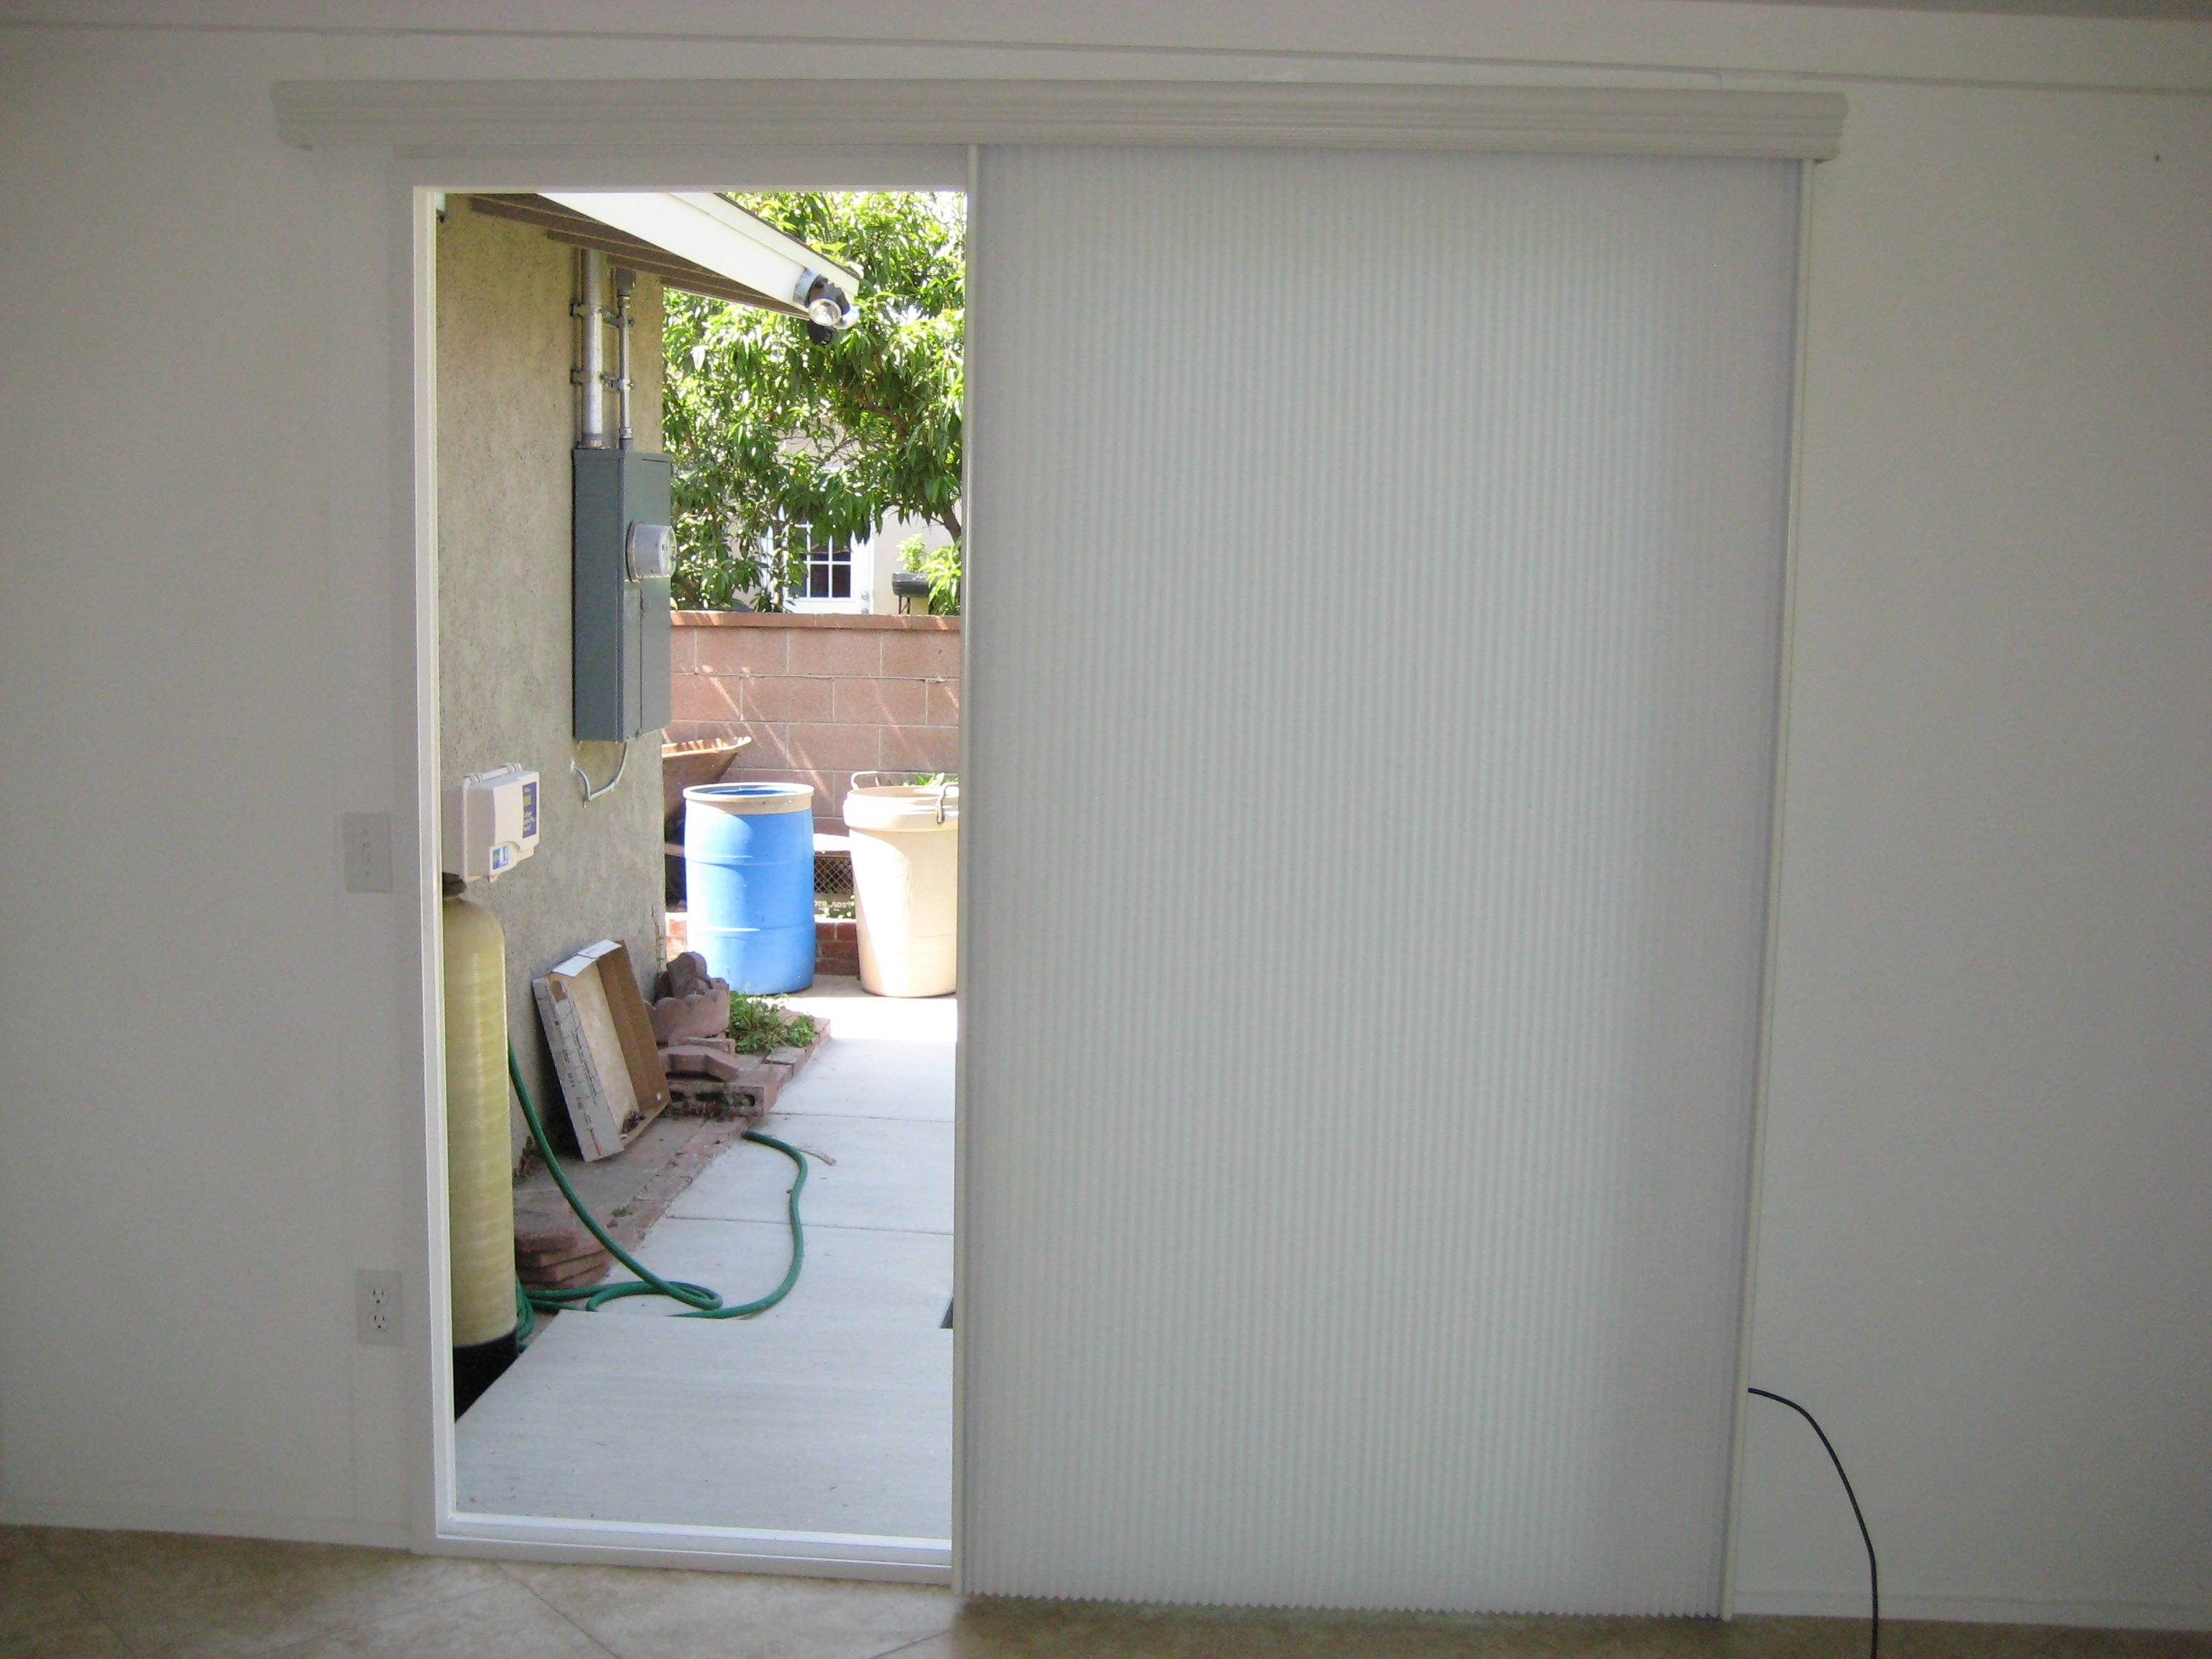 Vertical Cellular Blinds Sliding Glass Doorsvertical cellular blinds sliding glass doors saudireiki